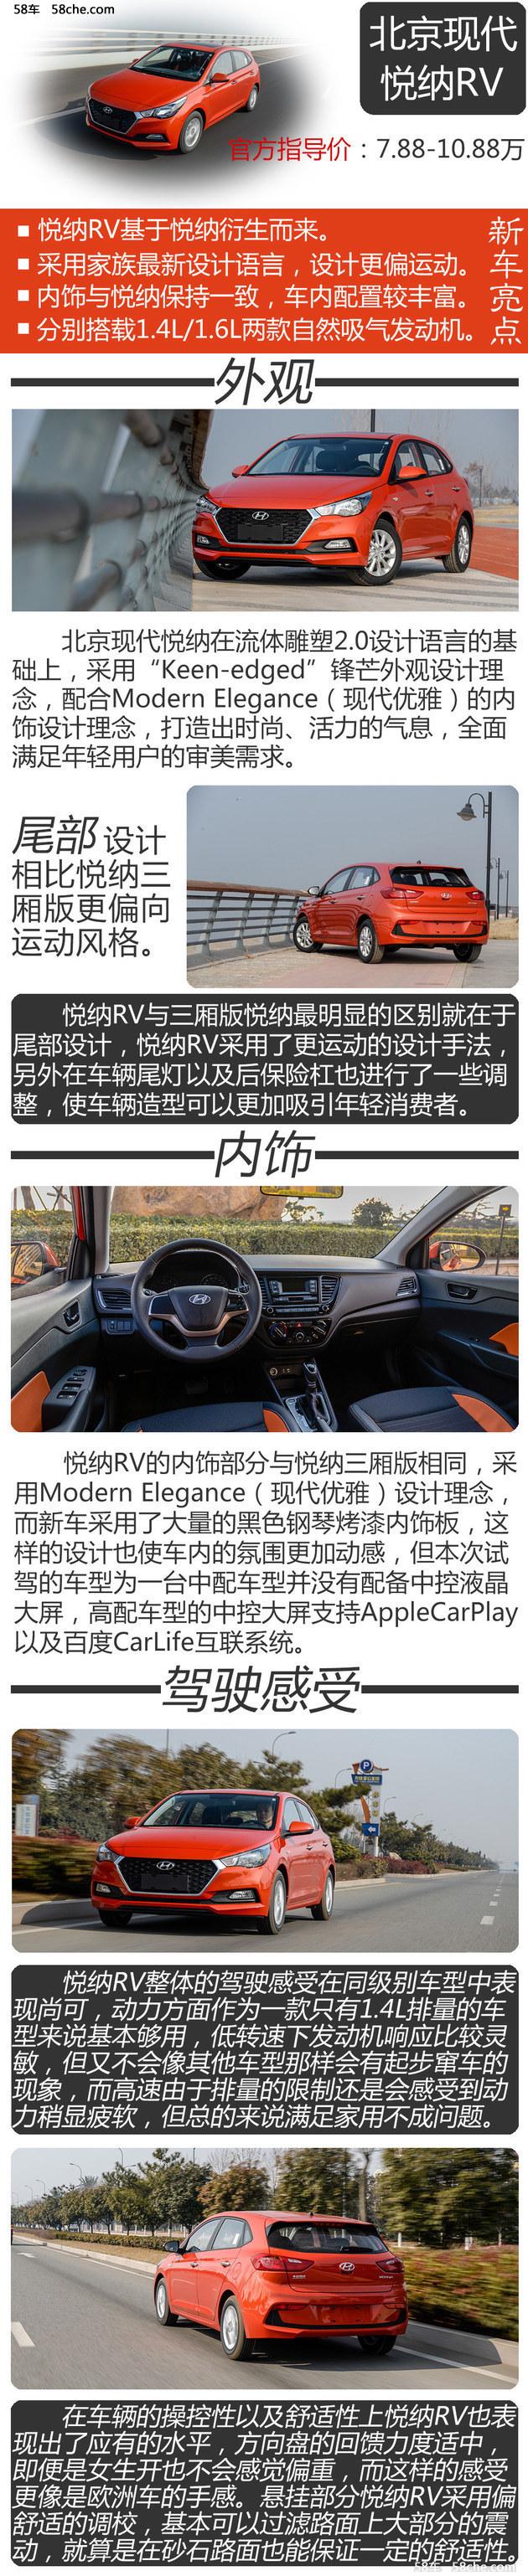 试北京现代悦纳RV  配置丰富/性价比高